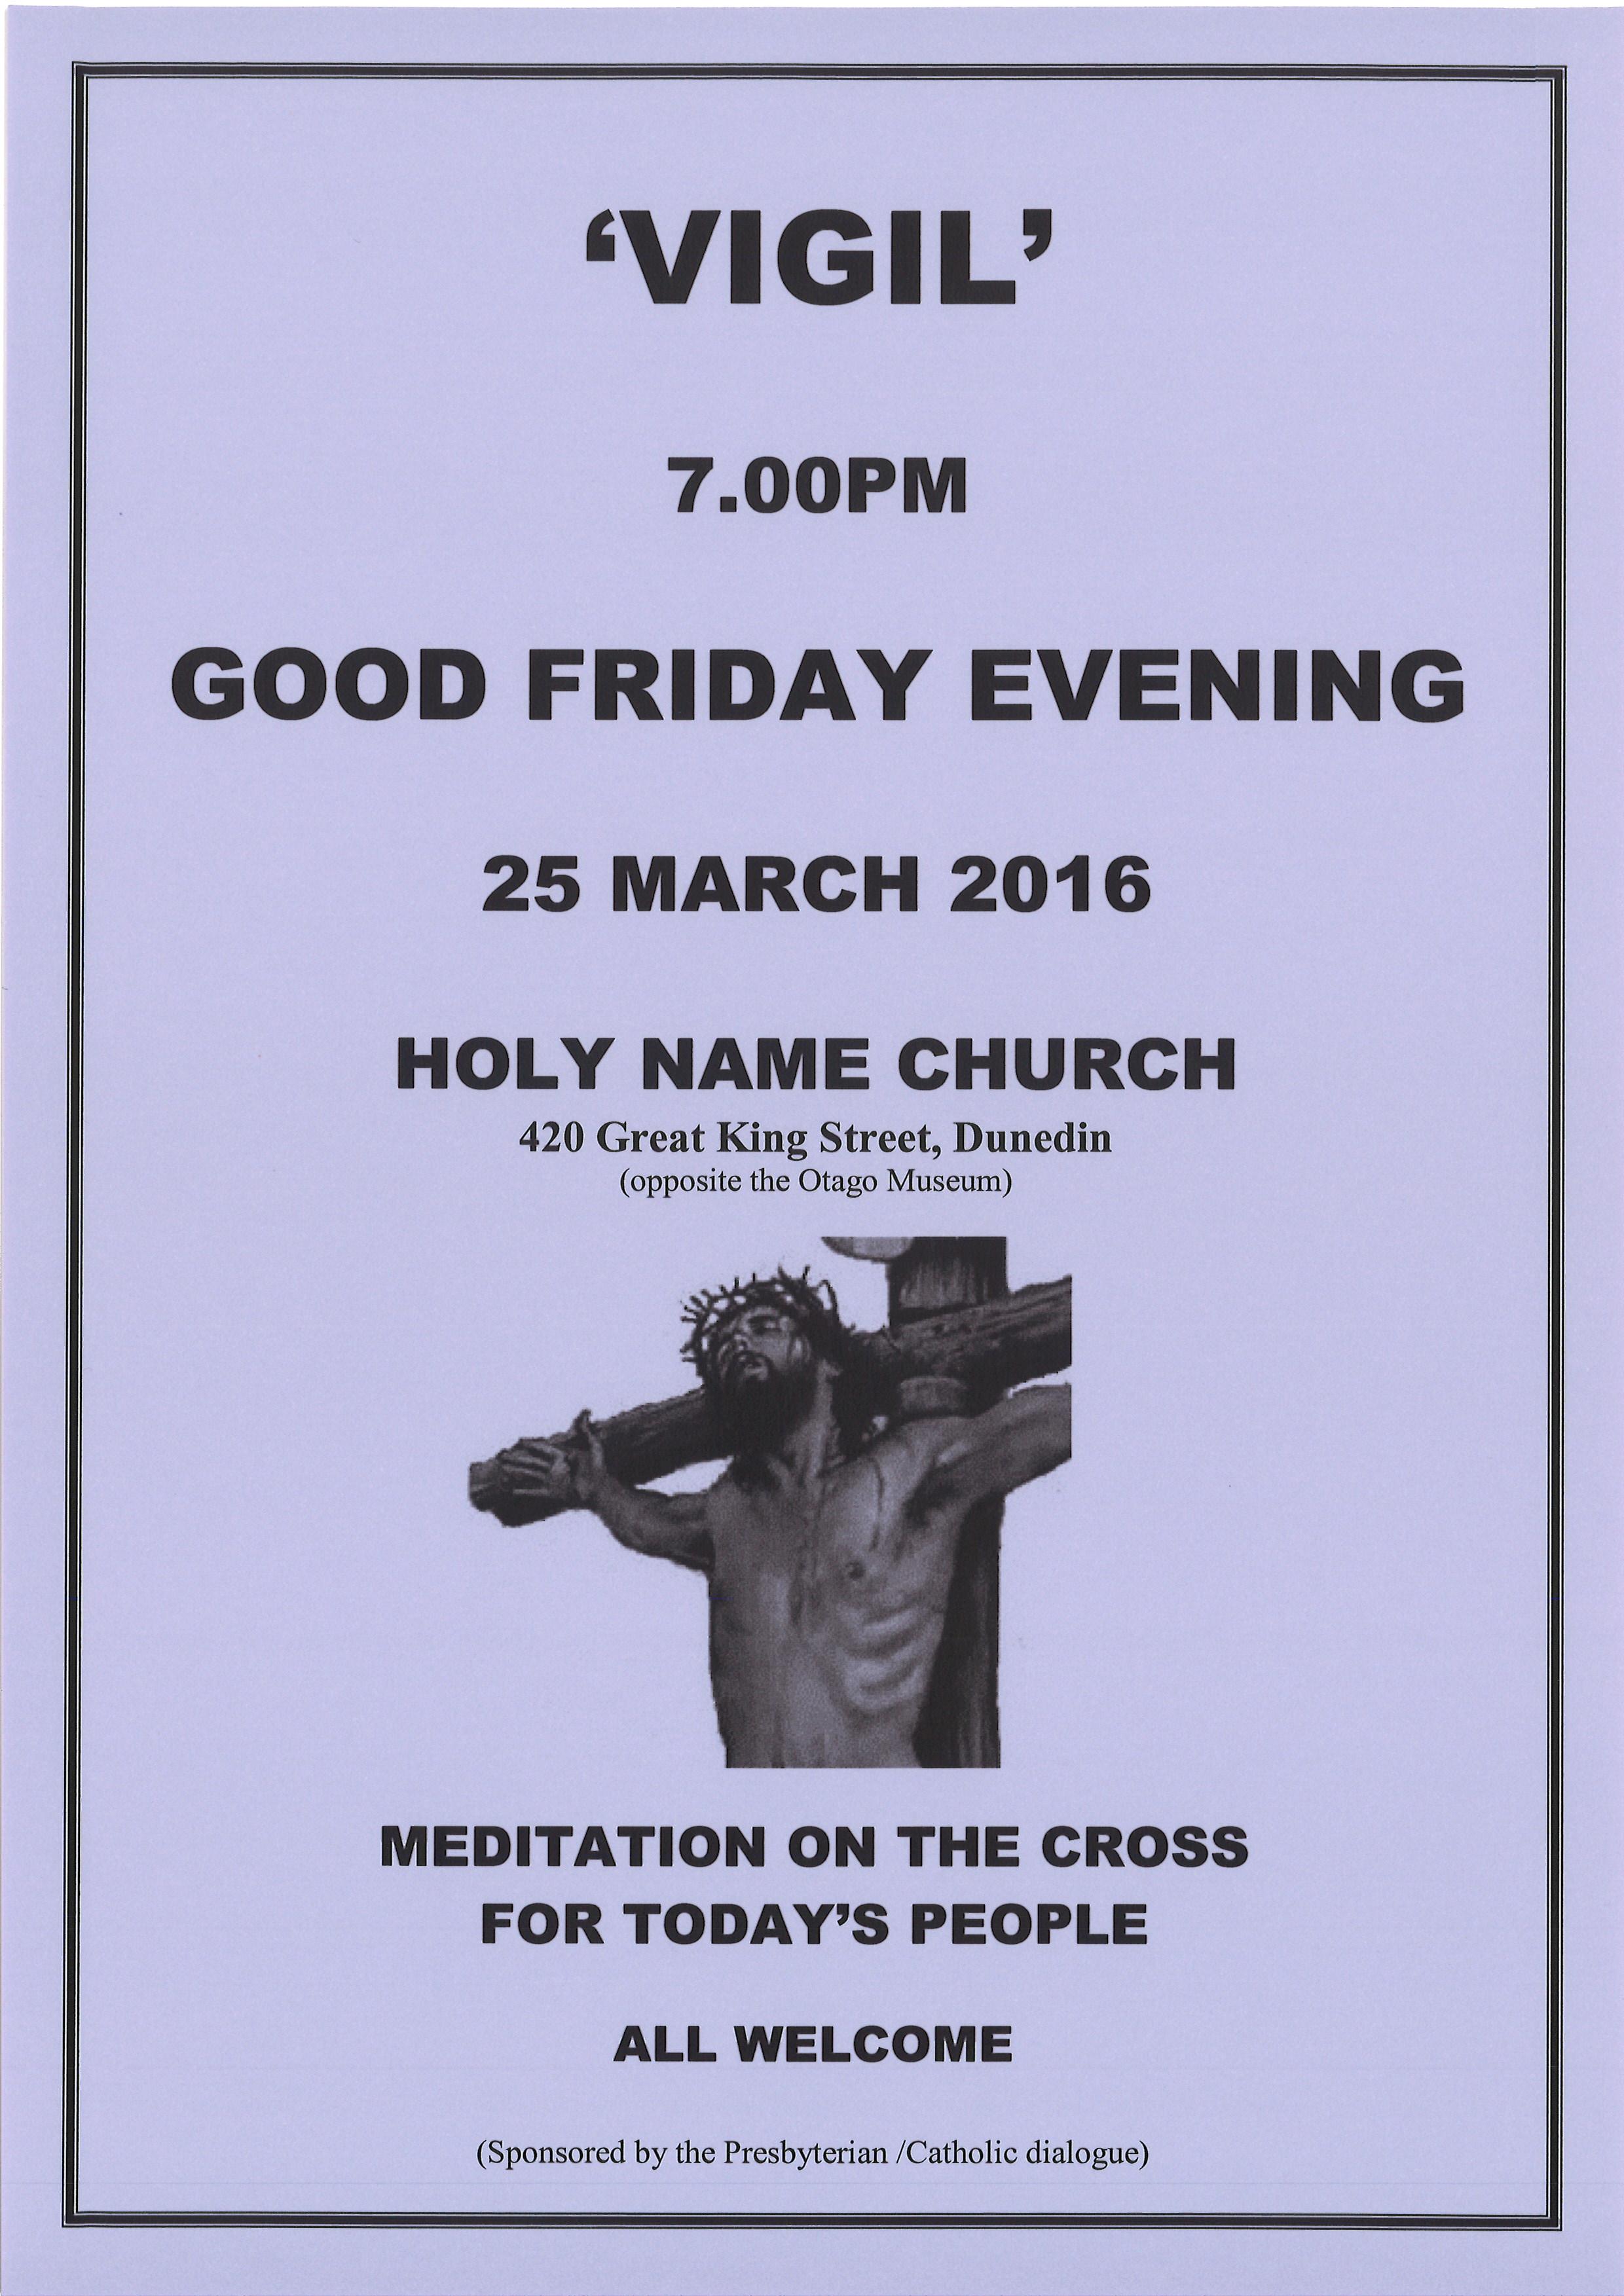 Good Friday Vigil